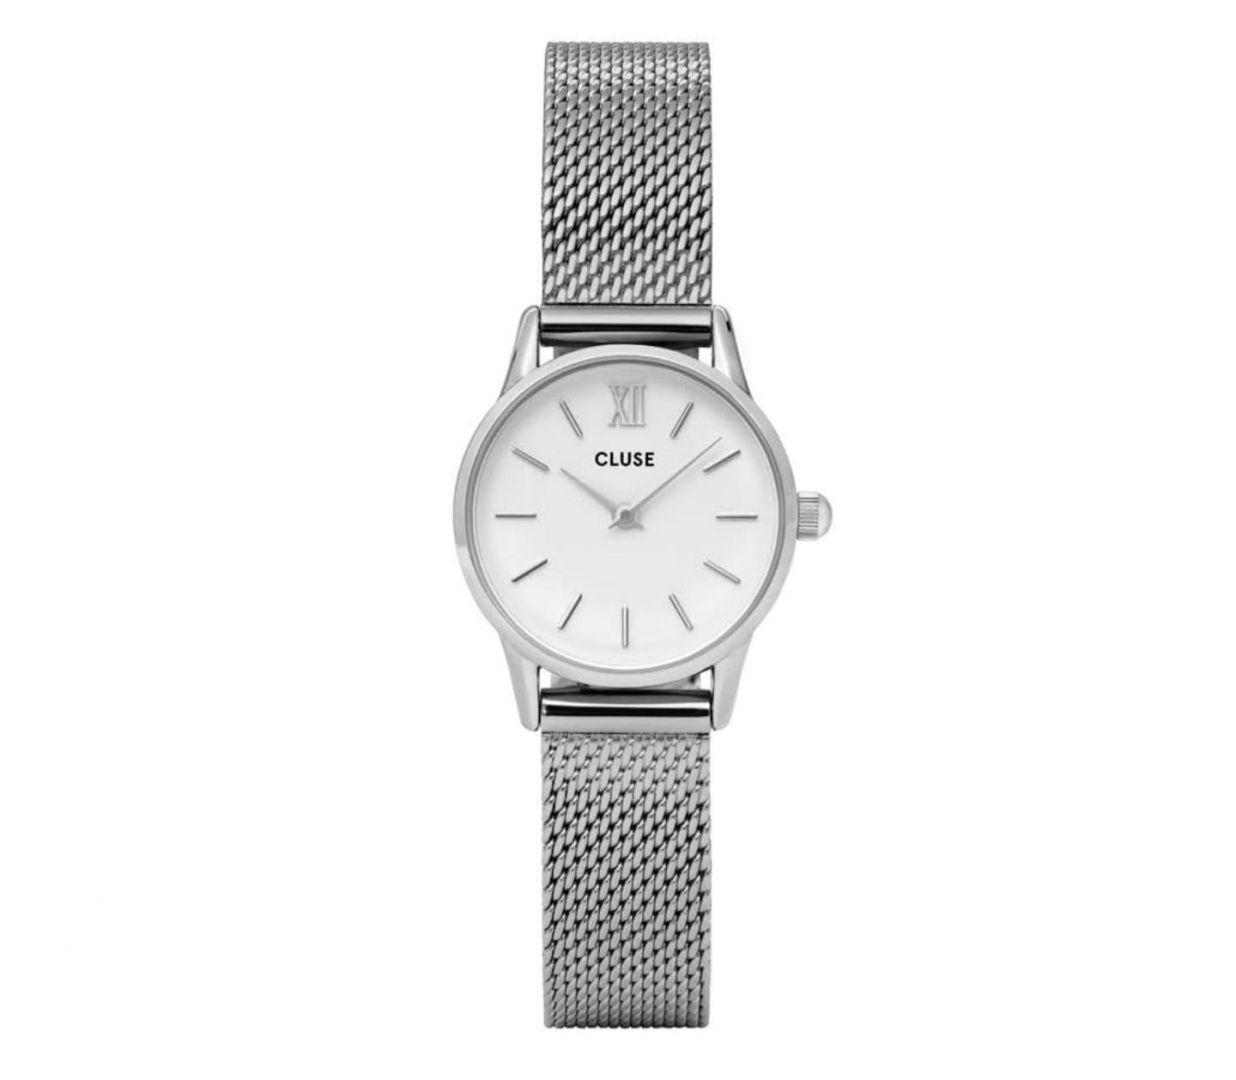 שעון יד אנלוגי cluse cl50005 קלוז